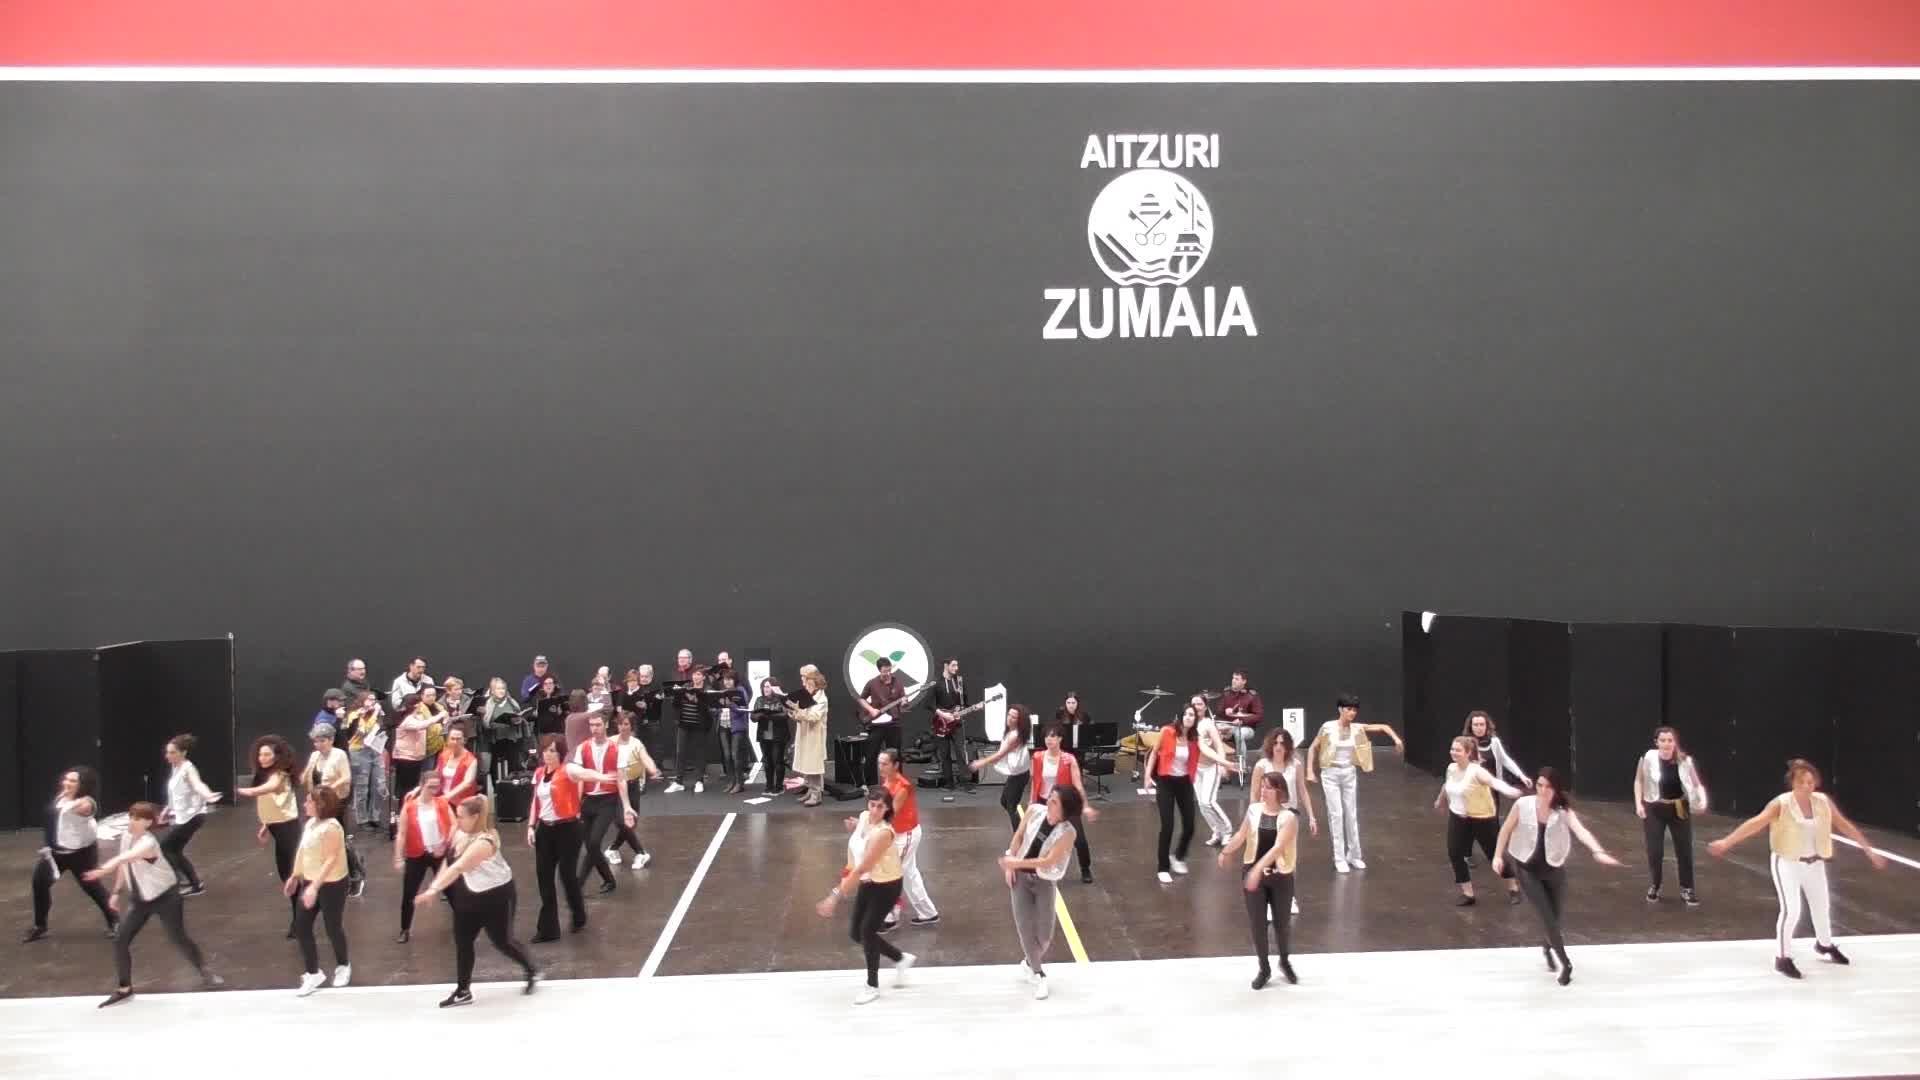 Larunbat honetan, Queen talde mitikoaren omenezko  dantza eta musika emanaldia izango da Aitzuri frontoian